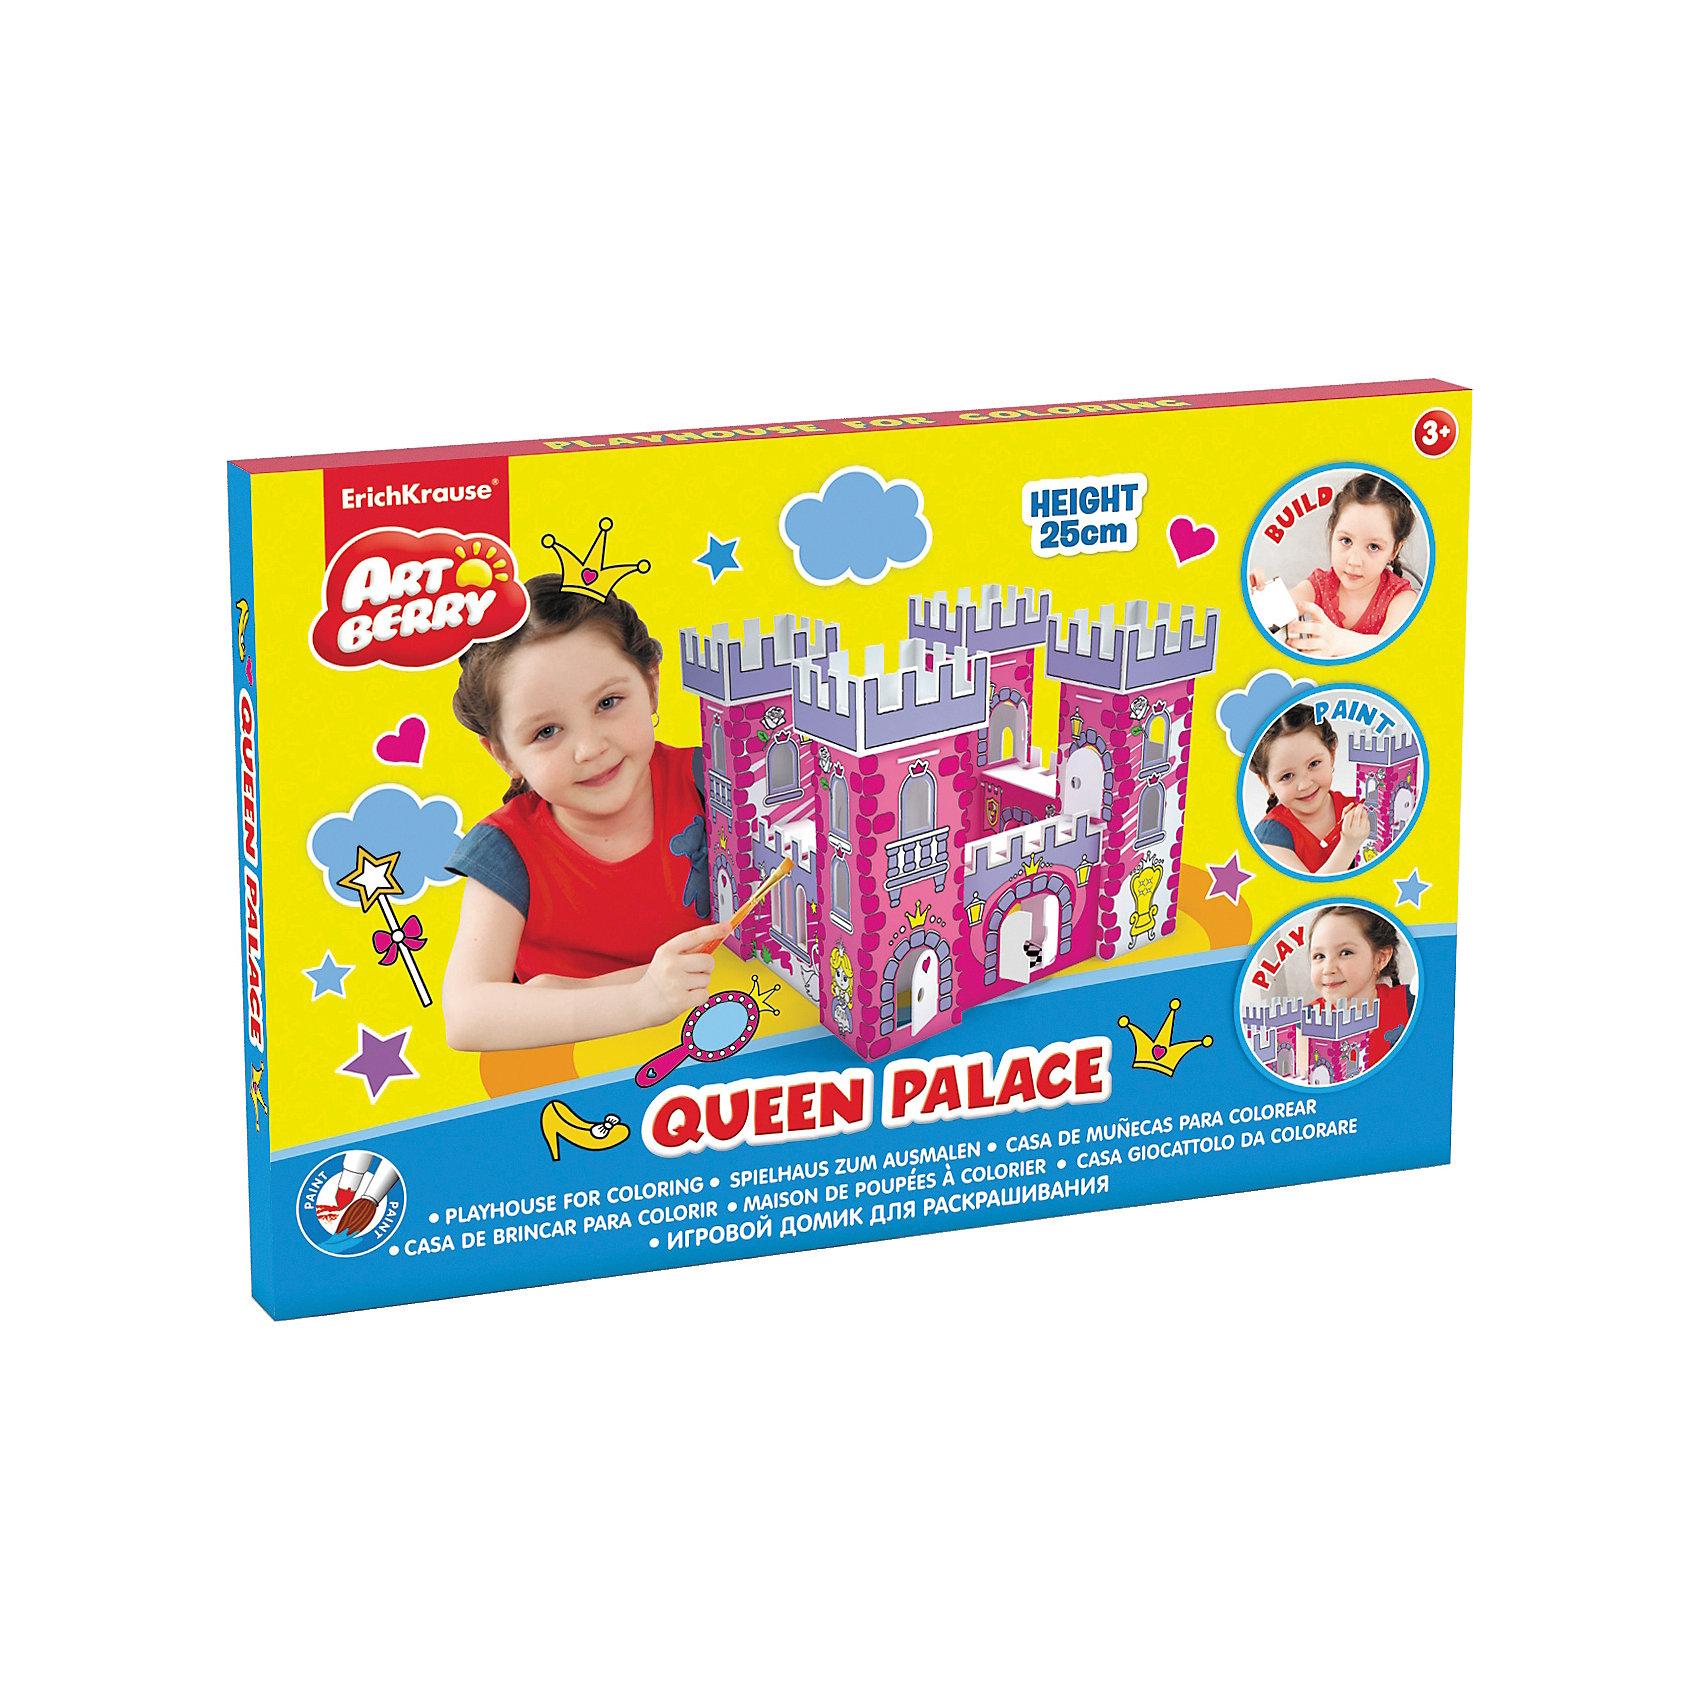 Набор для раскрашивания Замок принцессы, ArtberryИгрушечные домики и замки<br>Набор для раскрашивания Замок принцессы, Artberry – это увлекательный набор для детского творчества.<br>Каждой маленькой принцессе нужен свой дом! Соберите и раскрасьте замок принцессы. На домик уже нанесены контуры изображений, но ребенок волен сам выбирать цвета красок и технику рисования. Домик можно раскрасить гуашью или акварелью мелками или пастелью, фломастерами или карандашами, и даже мягким пластилином. Напольный игровой домик станет отличным подарком ребенку: его интересно собирать и раскрашивать, в готовом виде он прекрасно подойдет для игр и приятно дополнит интерьер детской комнаты. Все детали выполнены из прочного гофрокартона, сборка не требует клея и ножниц. Прочная конструкция обеспечивает продолжительный срок службы, а малый вес позволяет легко переносить домик из одного места в другое целиком, не разбирая. Все материалы экологически безопасны, не аллергенны и не токсичны.<br><br>Дополнительная информация:<br><br>- Размер замка: 250x325x325 мм.<br>- Материал: прочный гофрокартон<br><br>Набор для раскрашивания Замок принцессы, Artberry можно купить в нашем интернет-магазине.<br><br>Ширина мм: 250<br>Глубина мм: 325<br>Высота мм: 325<br>Вес г: 540<br>Возраст от месяцев: 36<br>Возраст до месяцев: 72<br>Пол: Женский<br>Возраст: Детский<br>SKU: 4744514